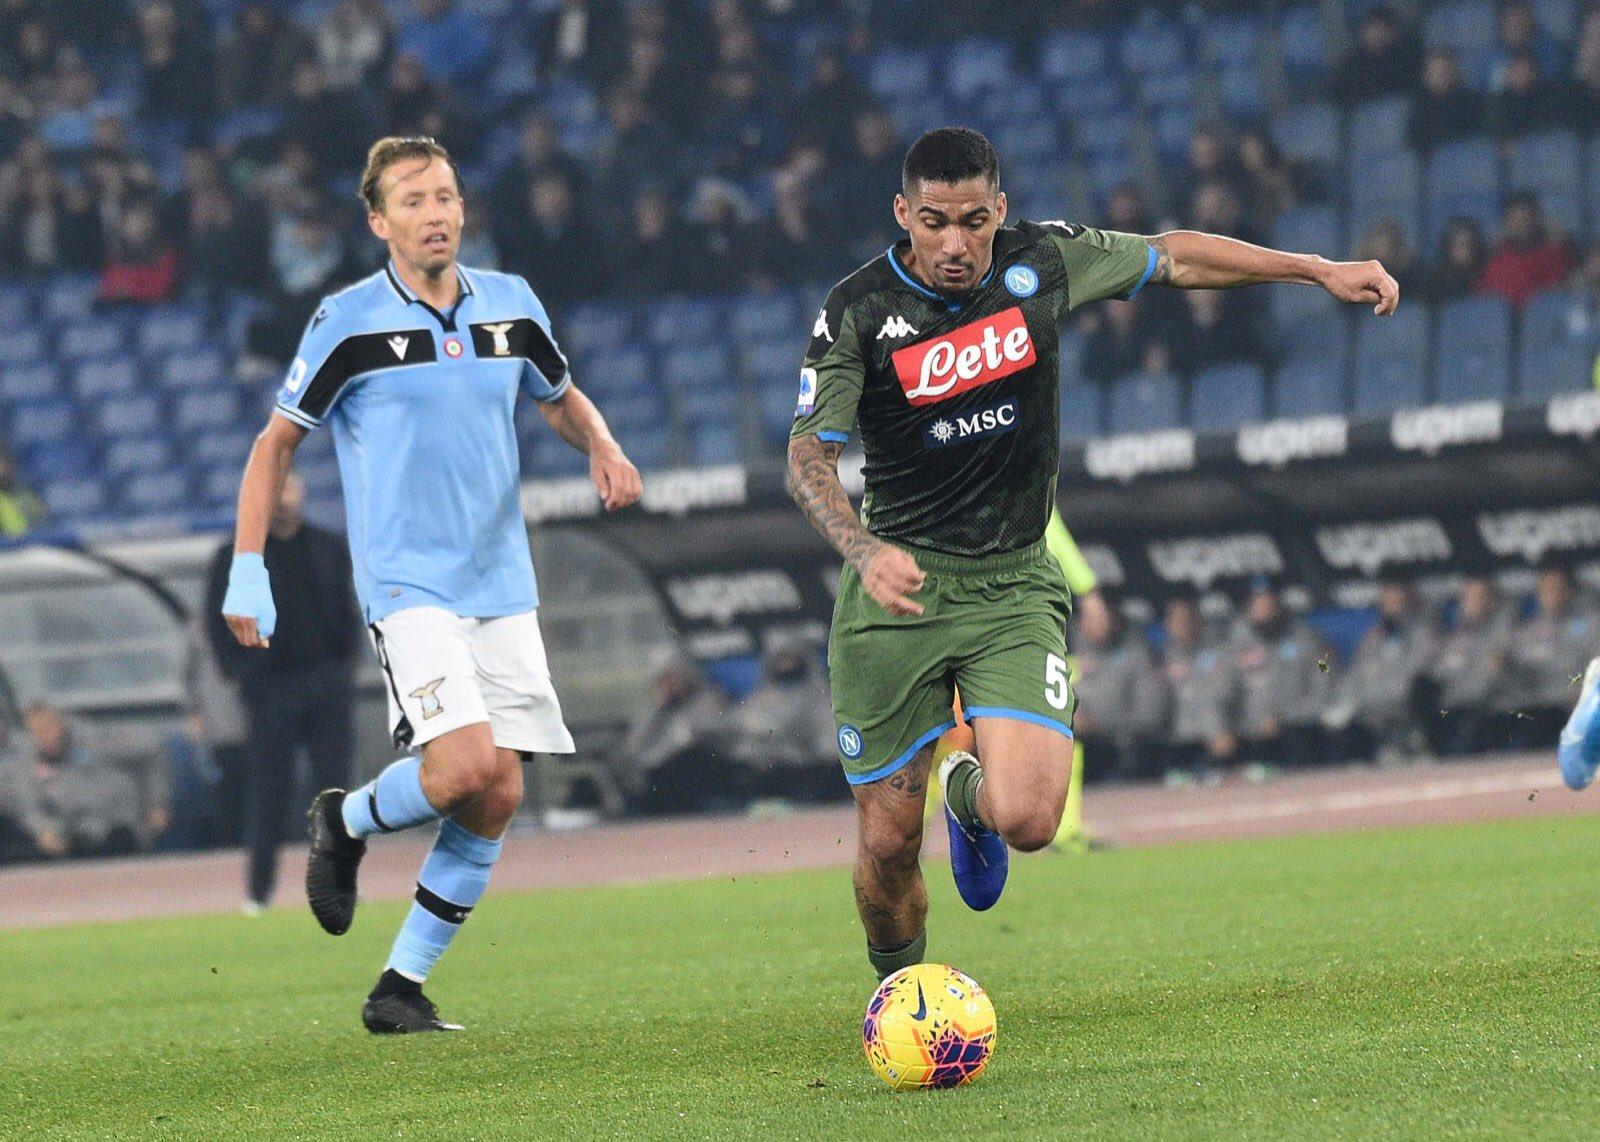 CorSport: Napoli-Inter, il dubbio di Gattuso è a centrocampo. Non è facile lasciare fuori Allan